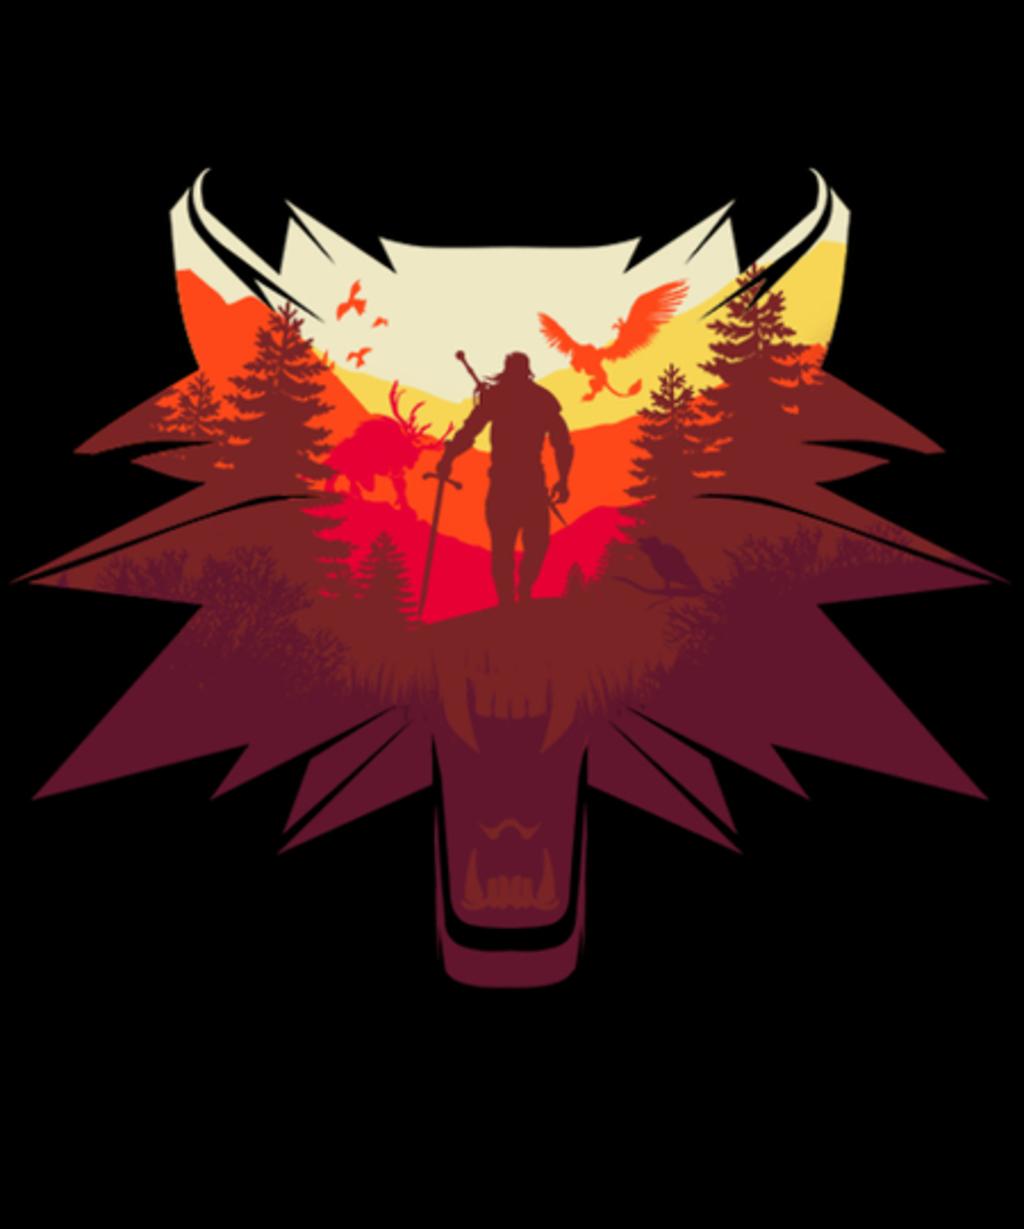 Qwertee: Let The Hunt Begin!